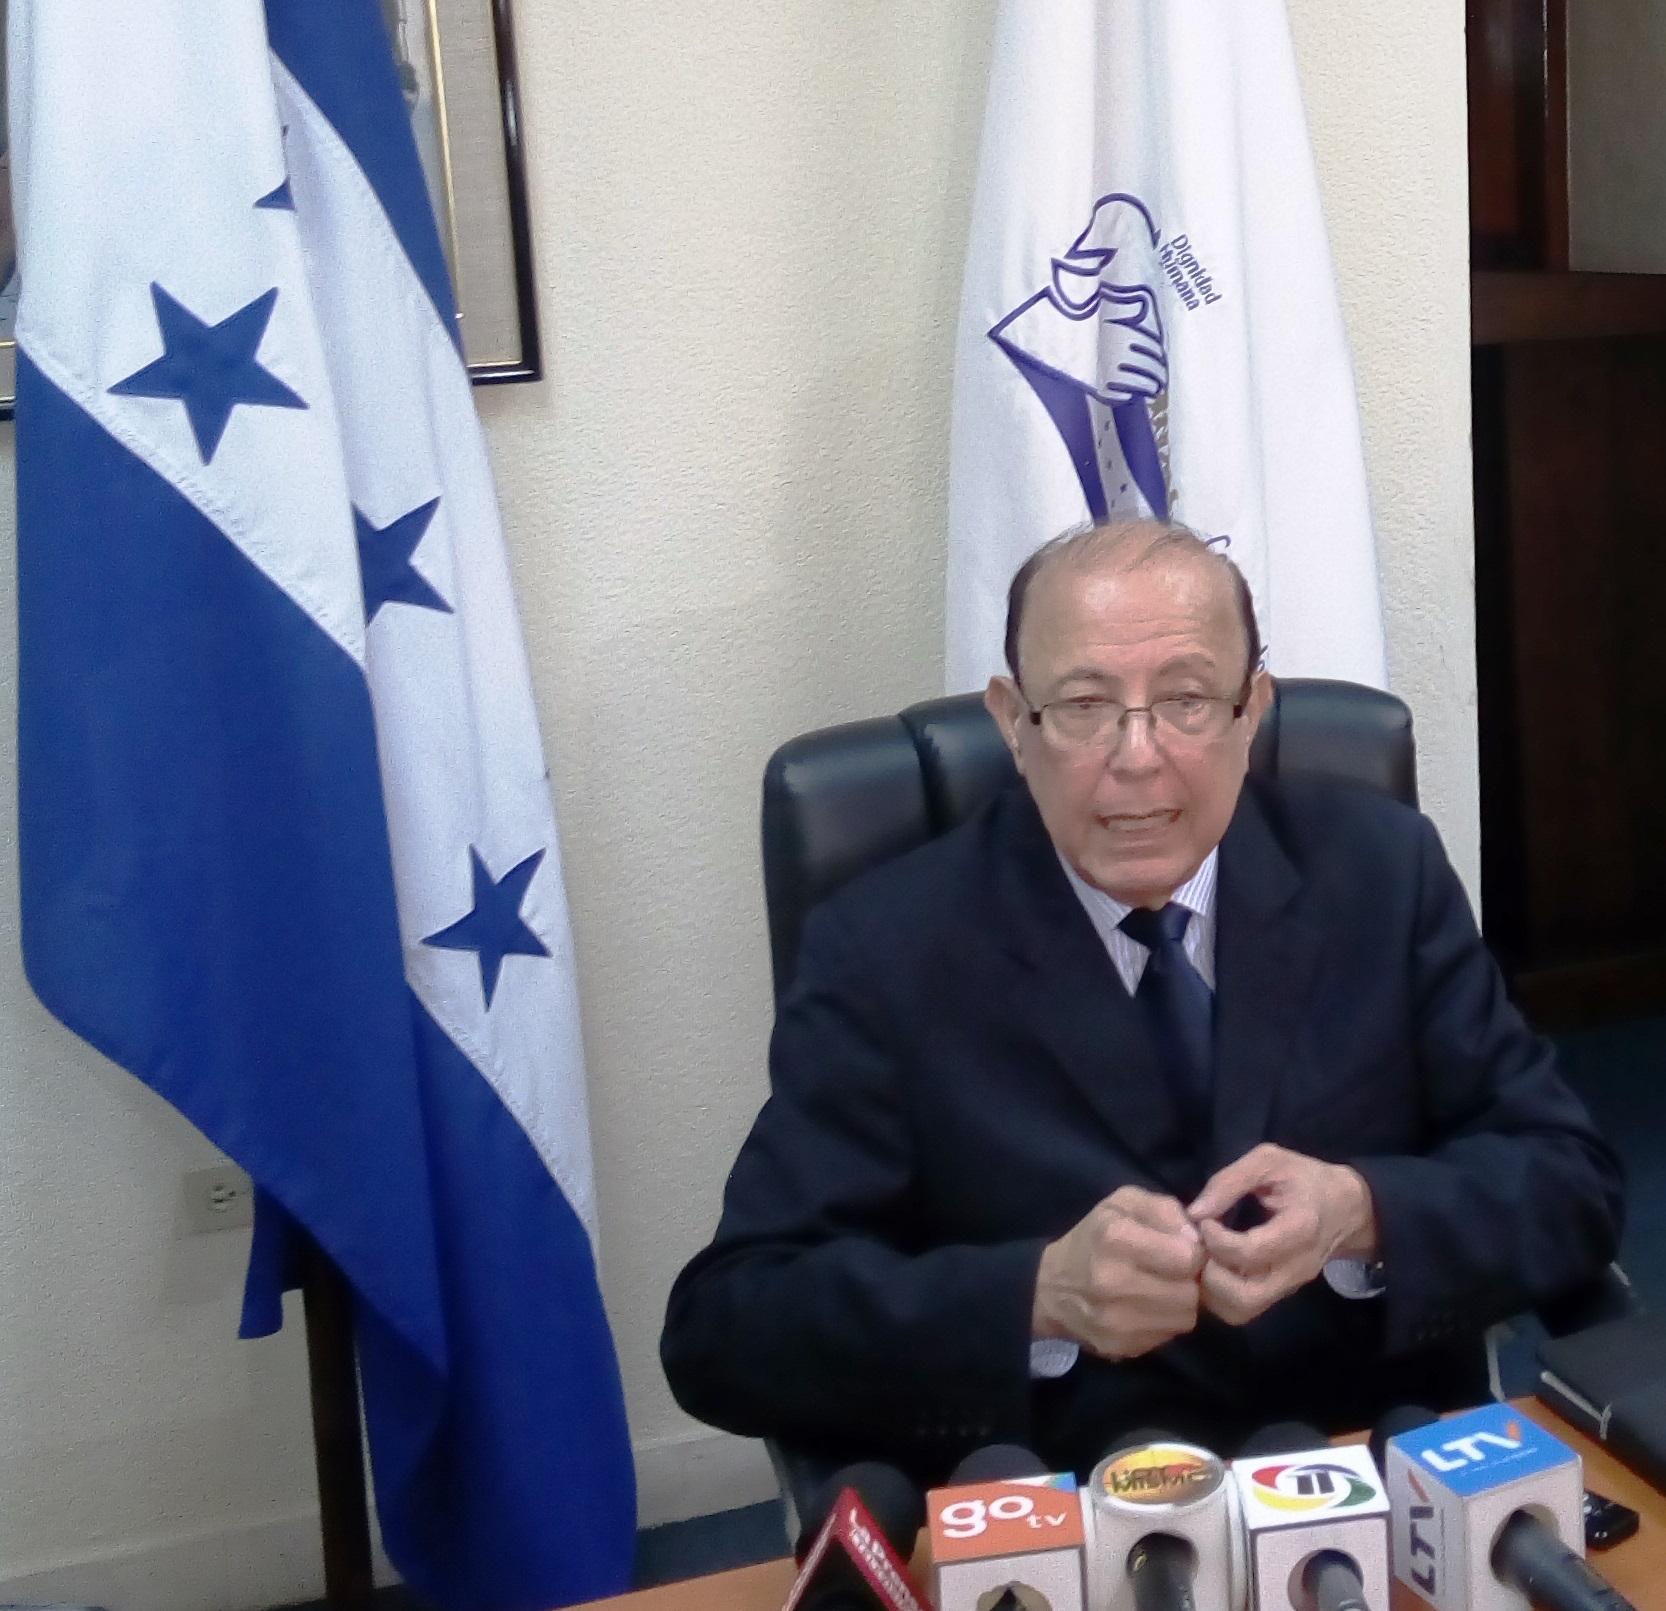 Estado incumple recomendaciones para respetar derechos humanos en Honduras